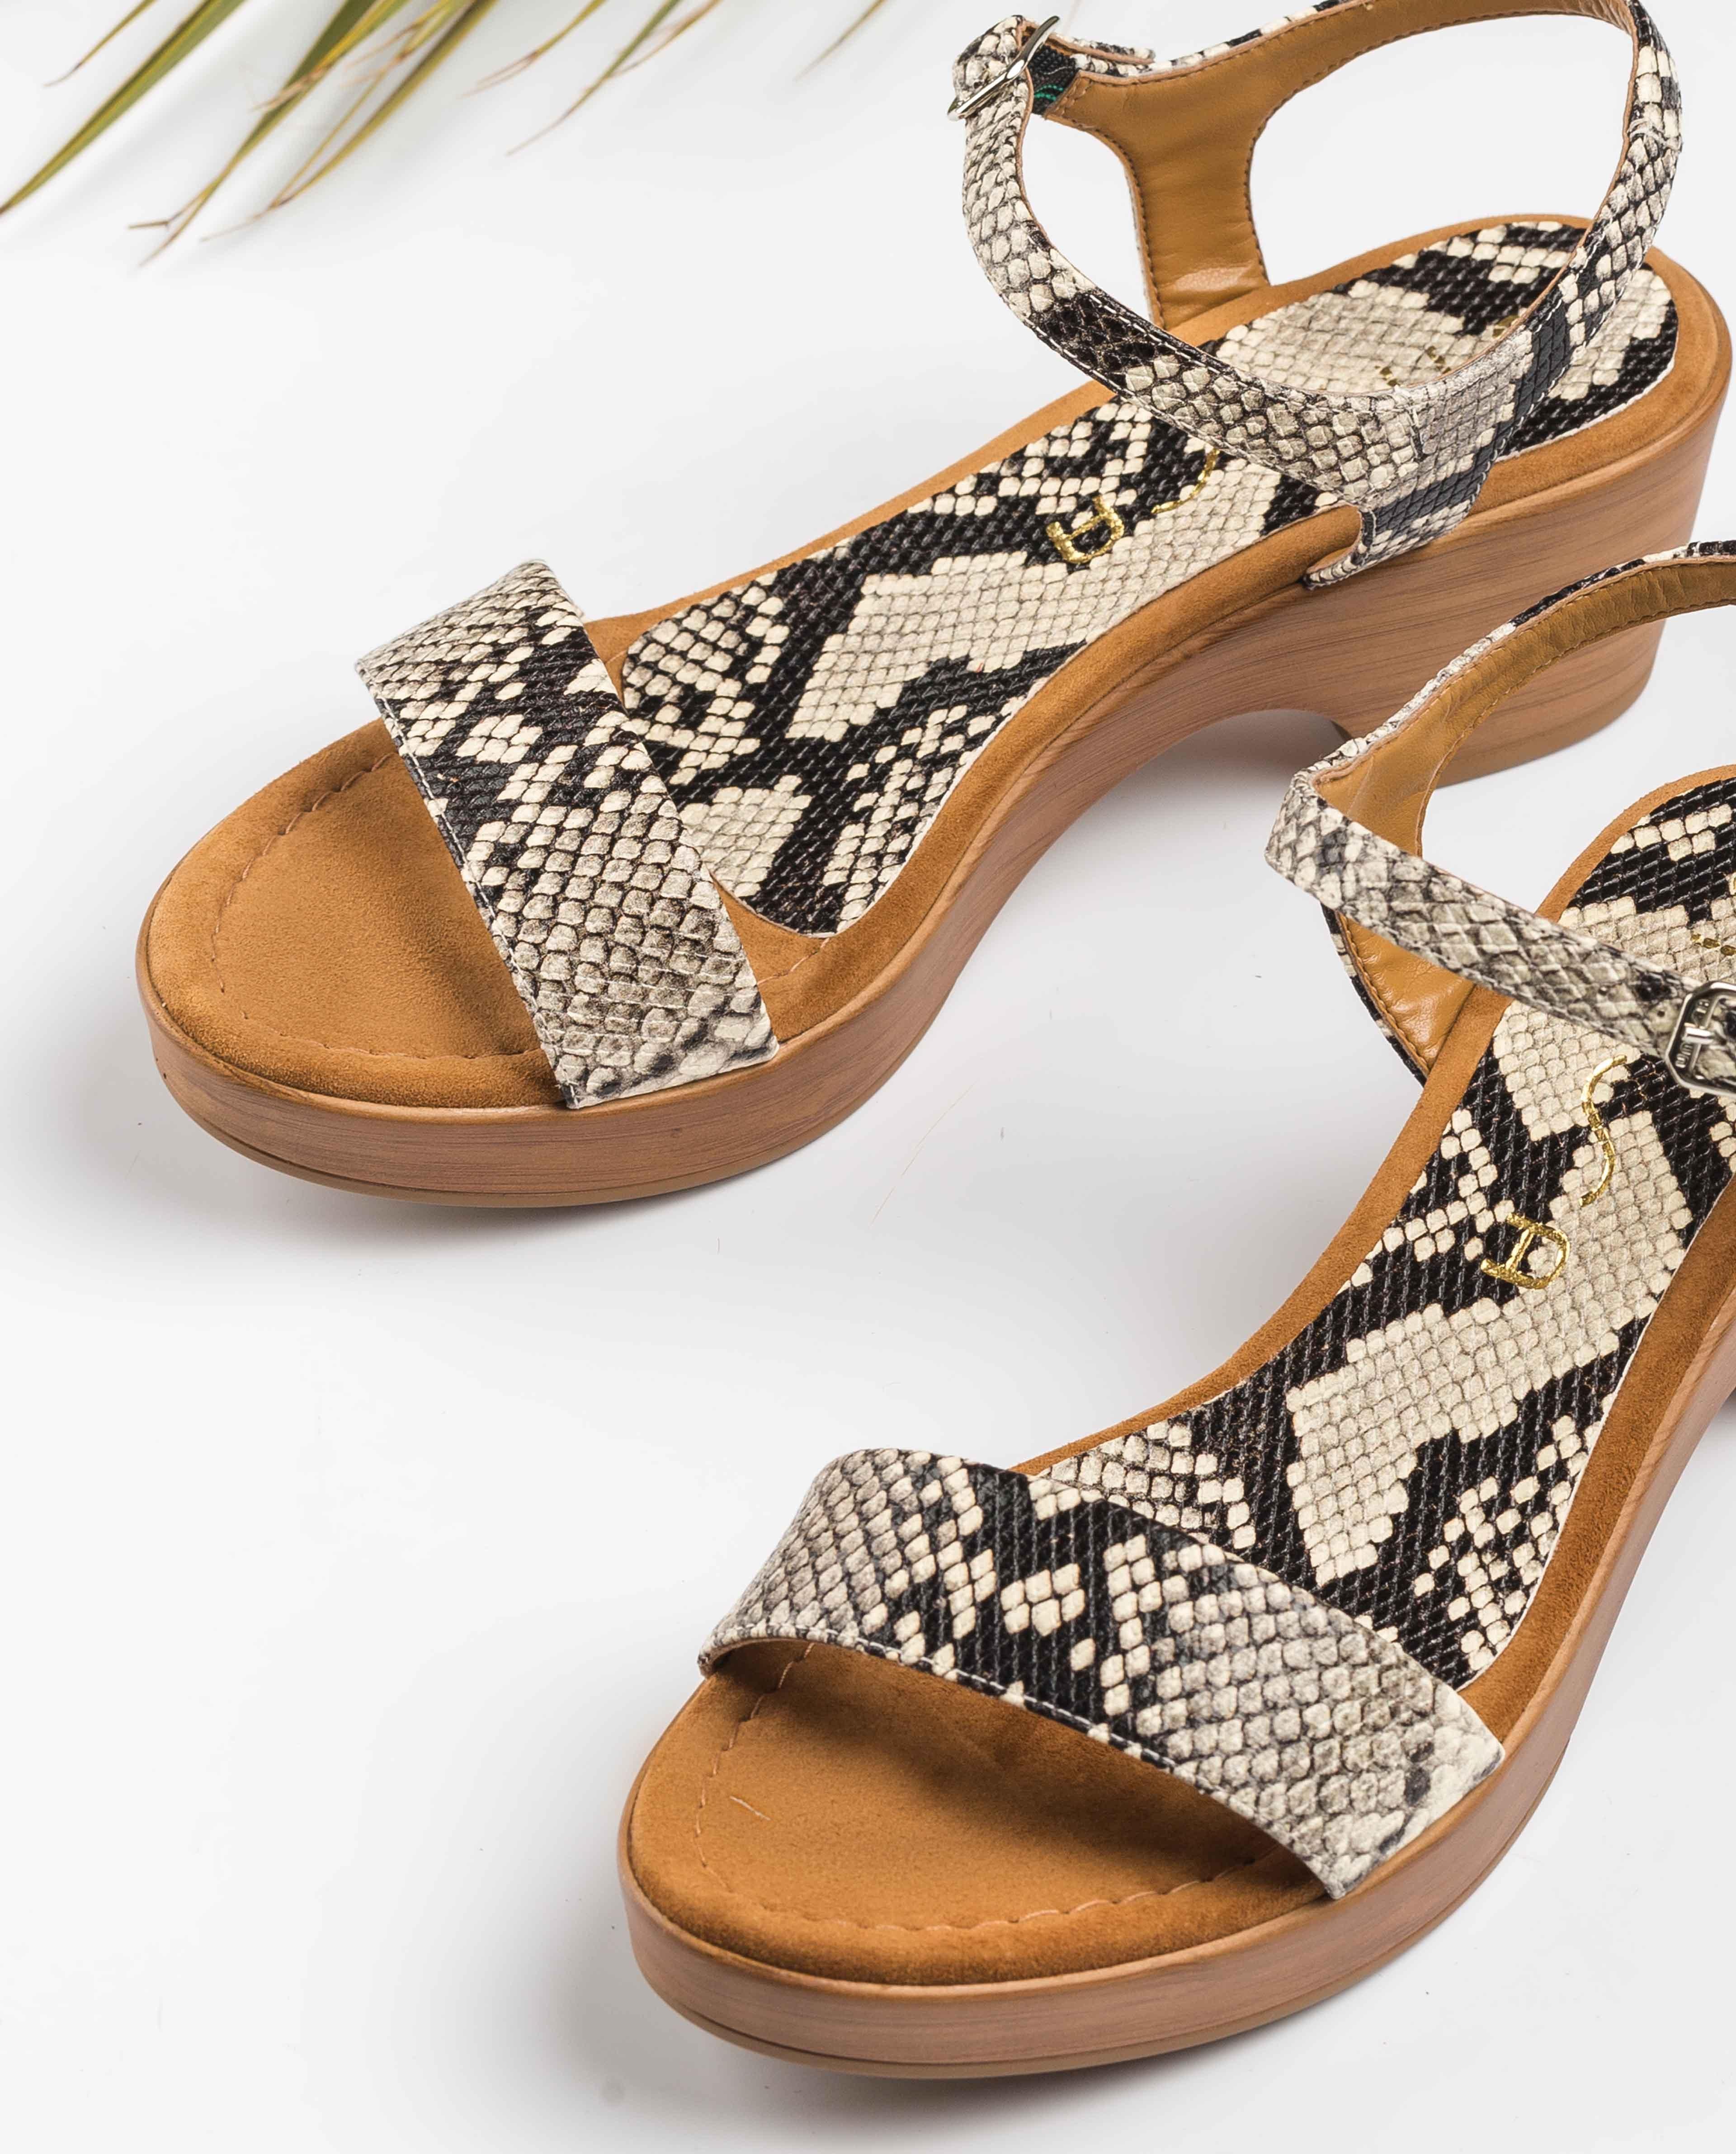 UNISA Block-Sandalen mit Snake-Print IRITA_20_VIP nacar 5